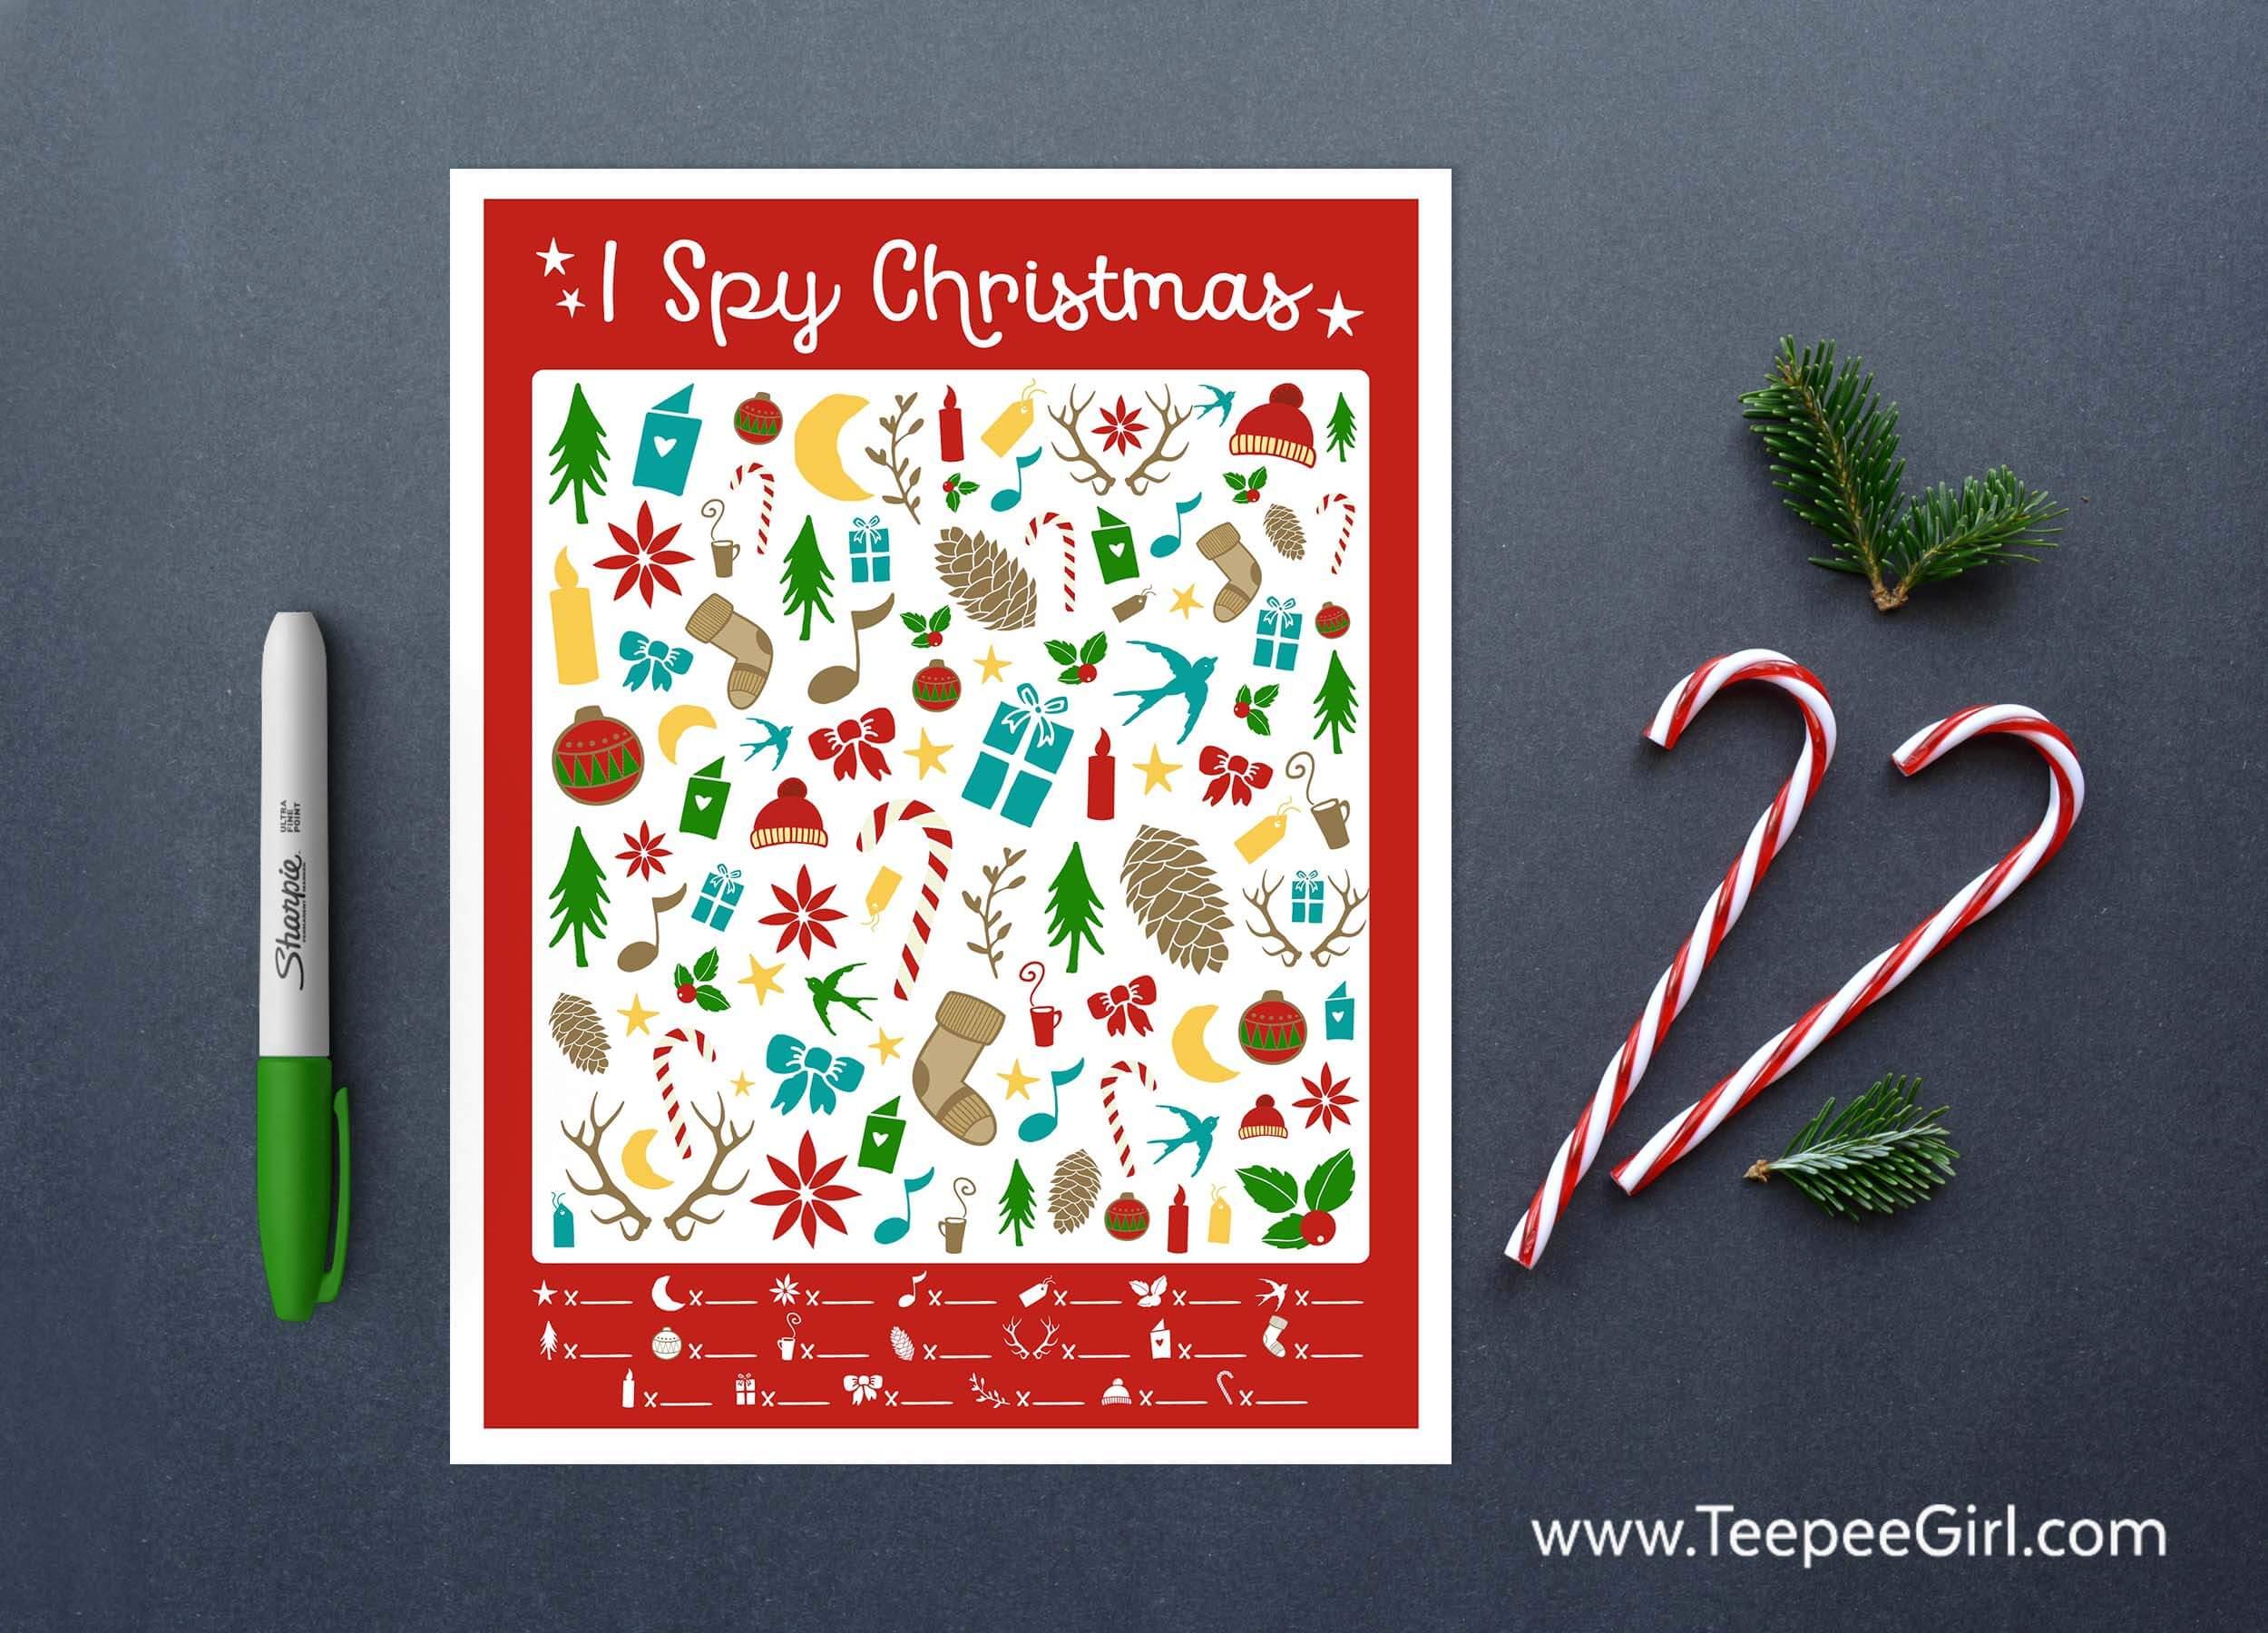 Free I Spy Christmas Printable Game